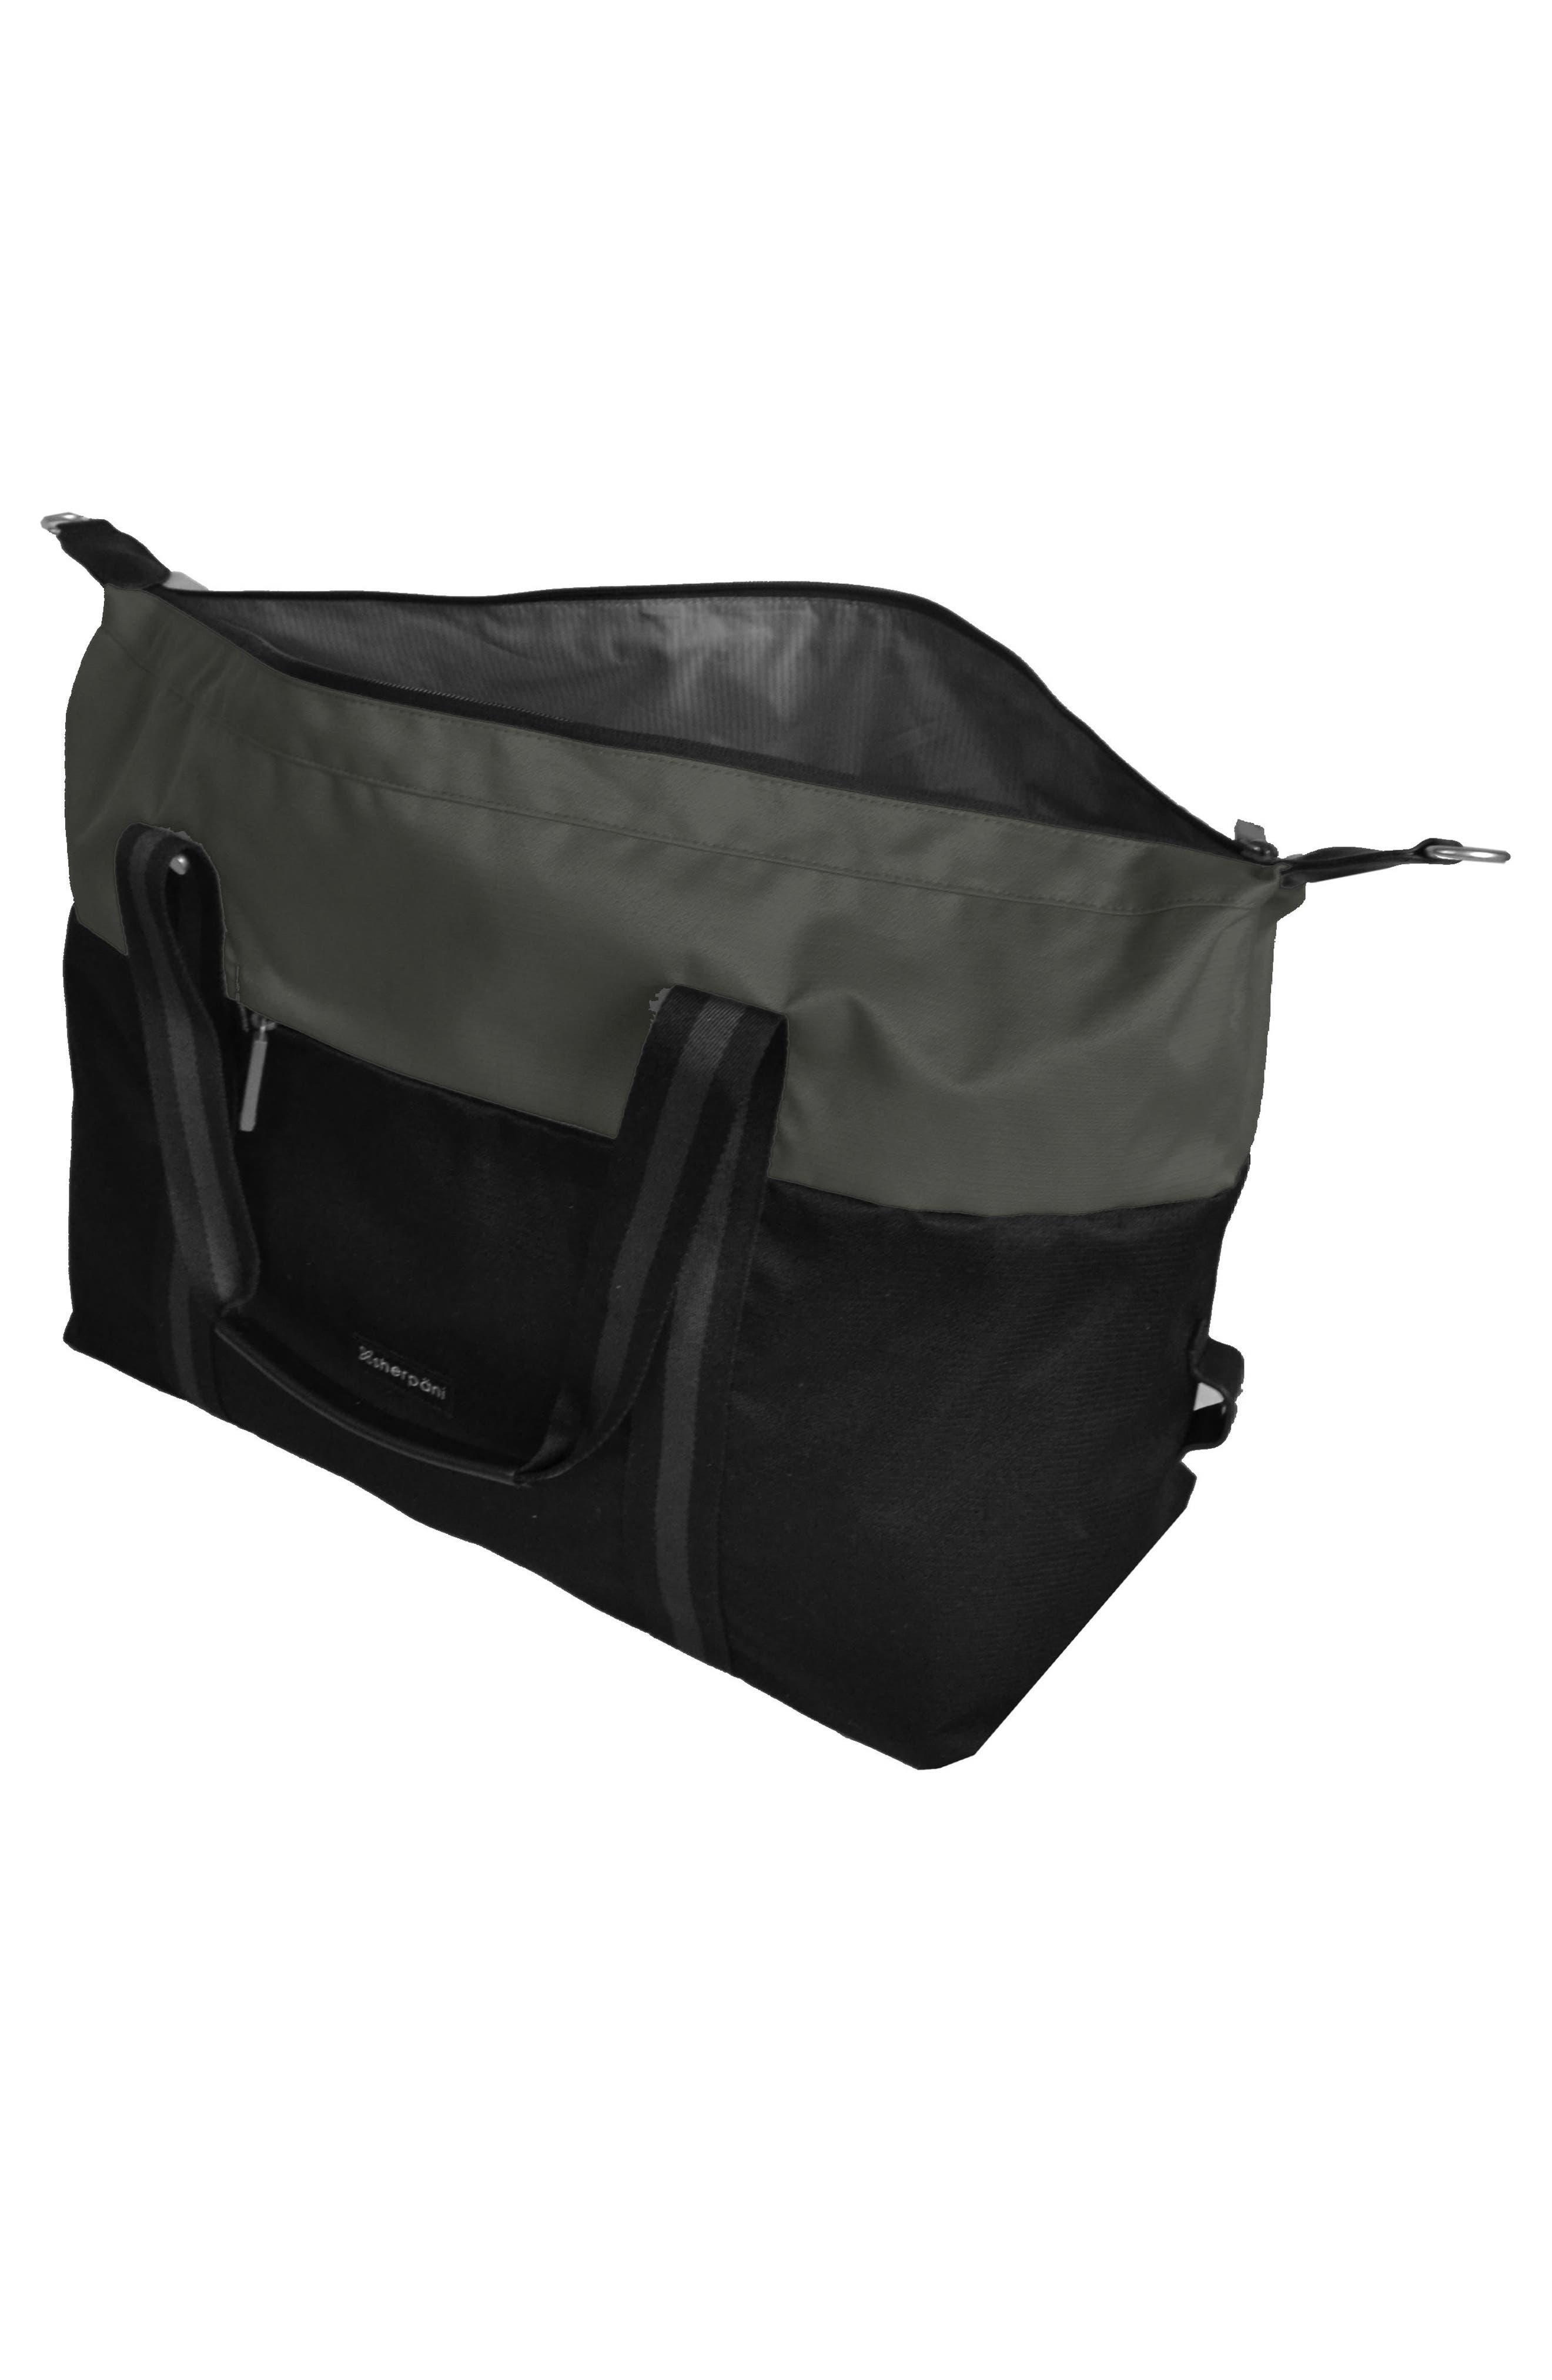 Finn Overnighter Duffel Bag,                             Alternate thumbnail 2, color,                             020